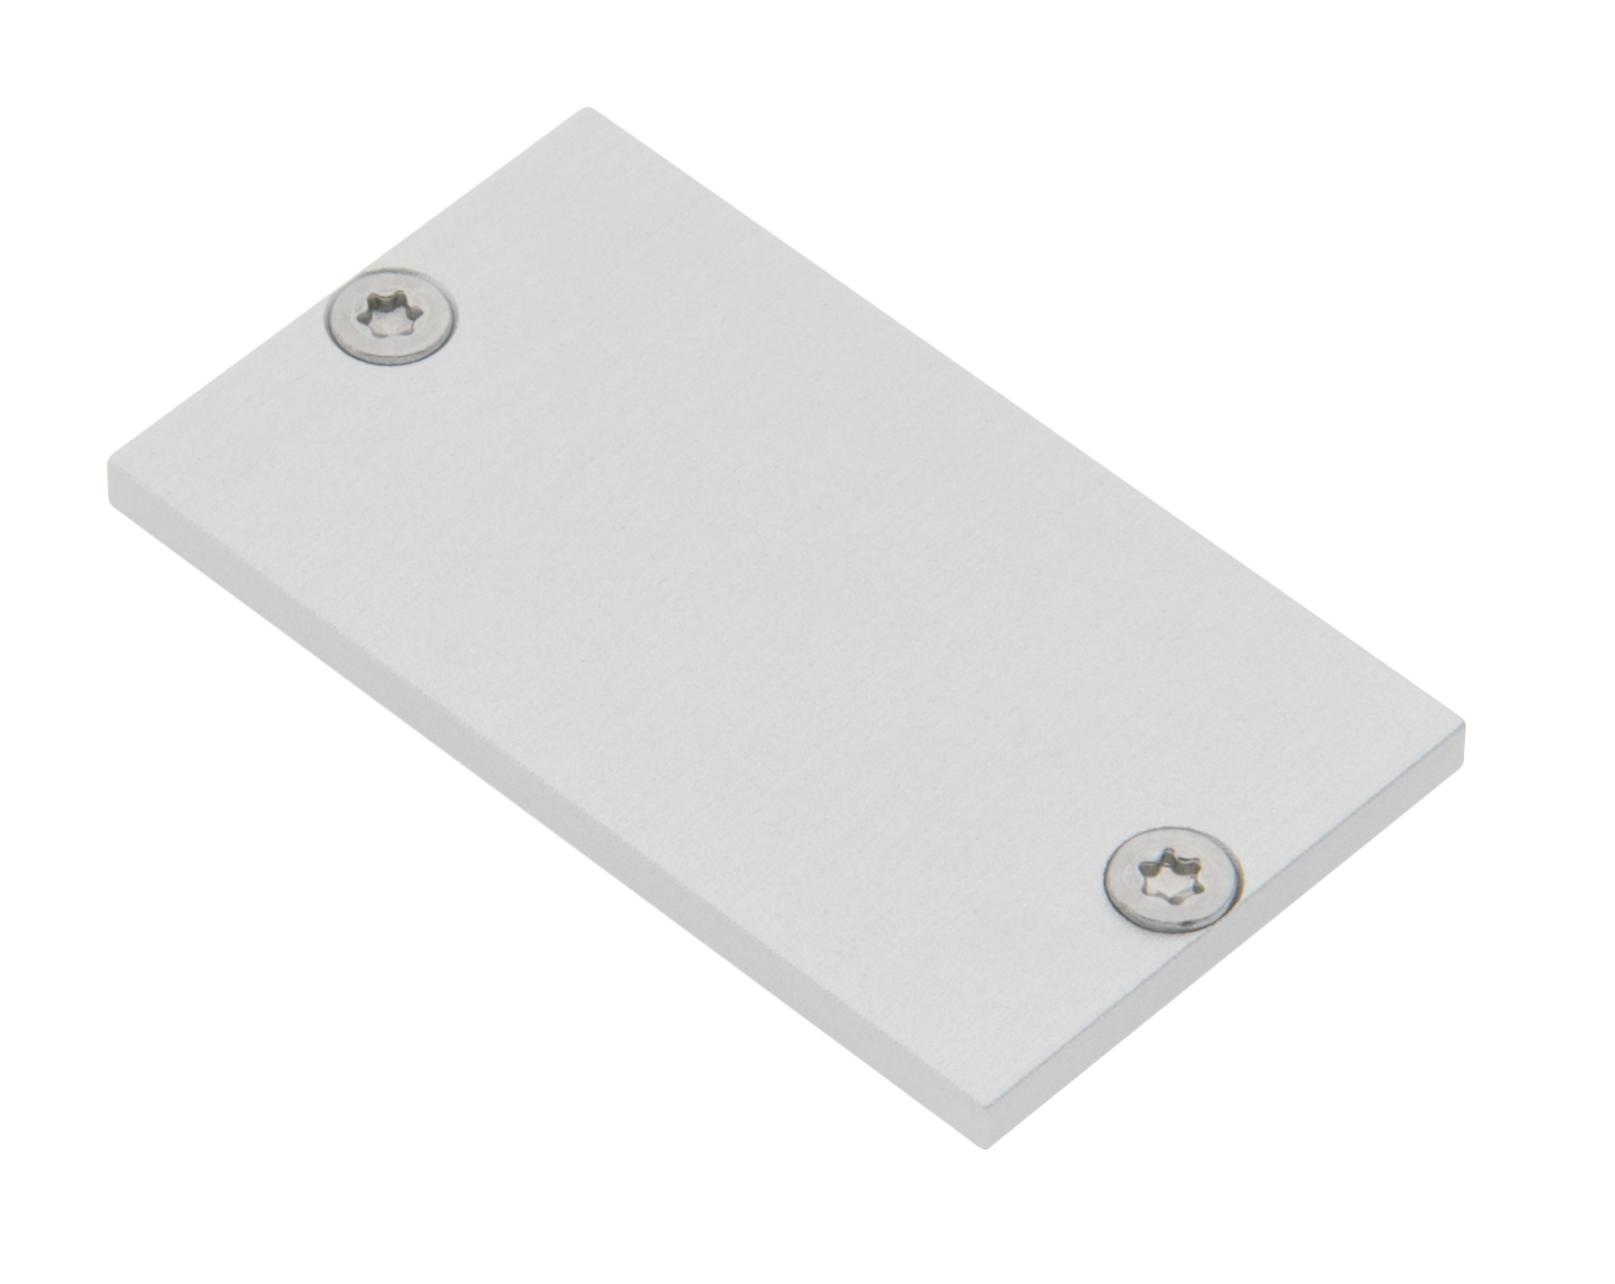 1 Stk Profil Endkappe MFL Flach geschlossen inkl. Schrauben LIEK005500